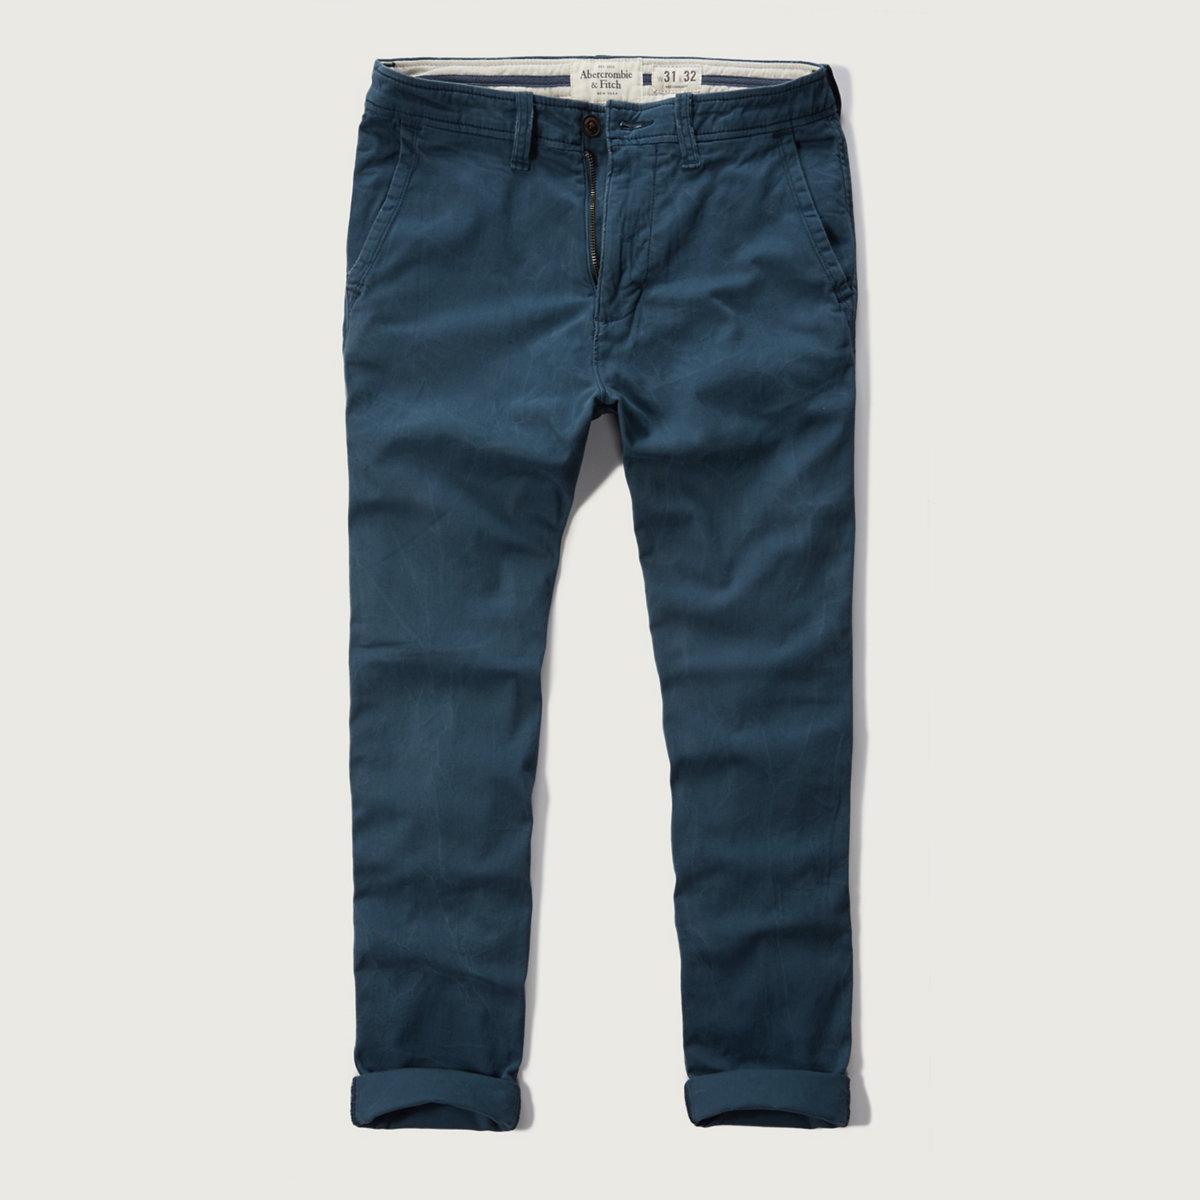 Classic Taper Chino Pants